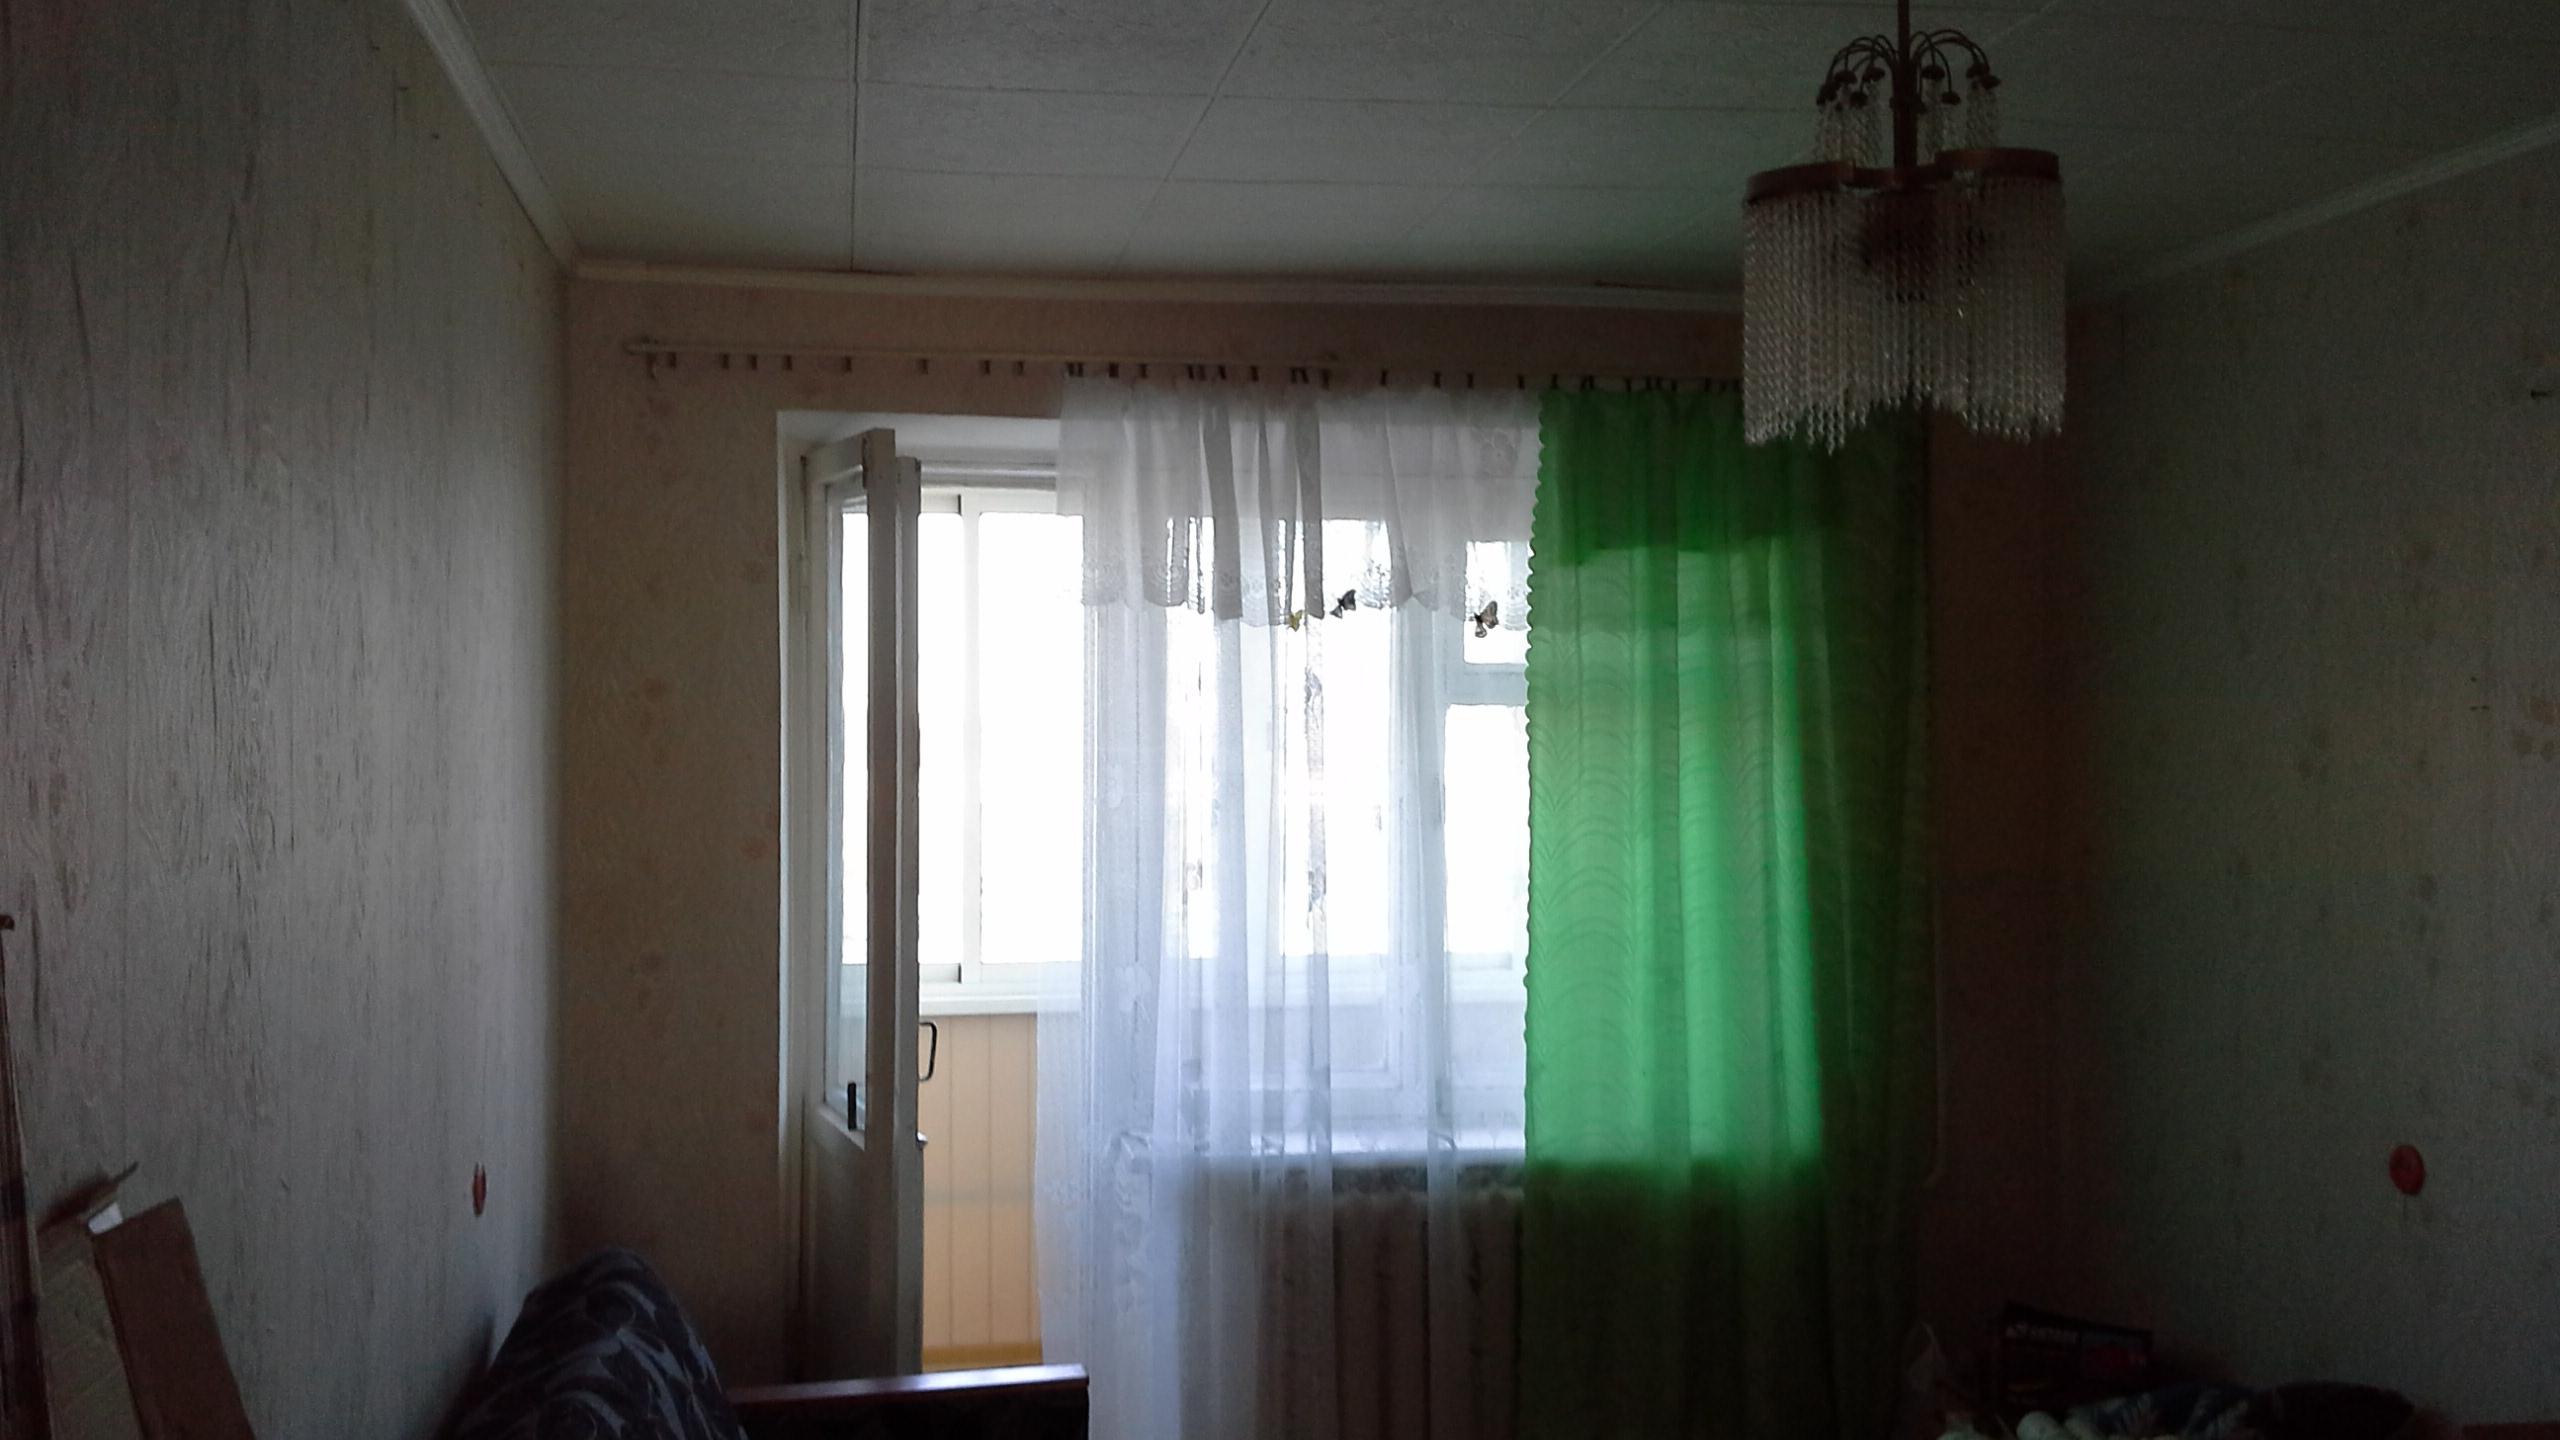 20150319_132315.jpg